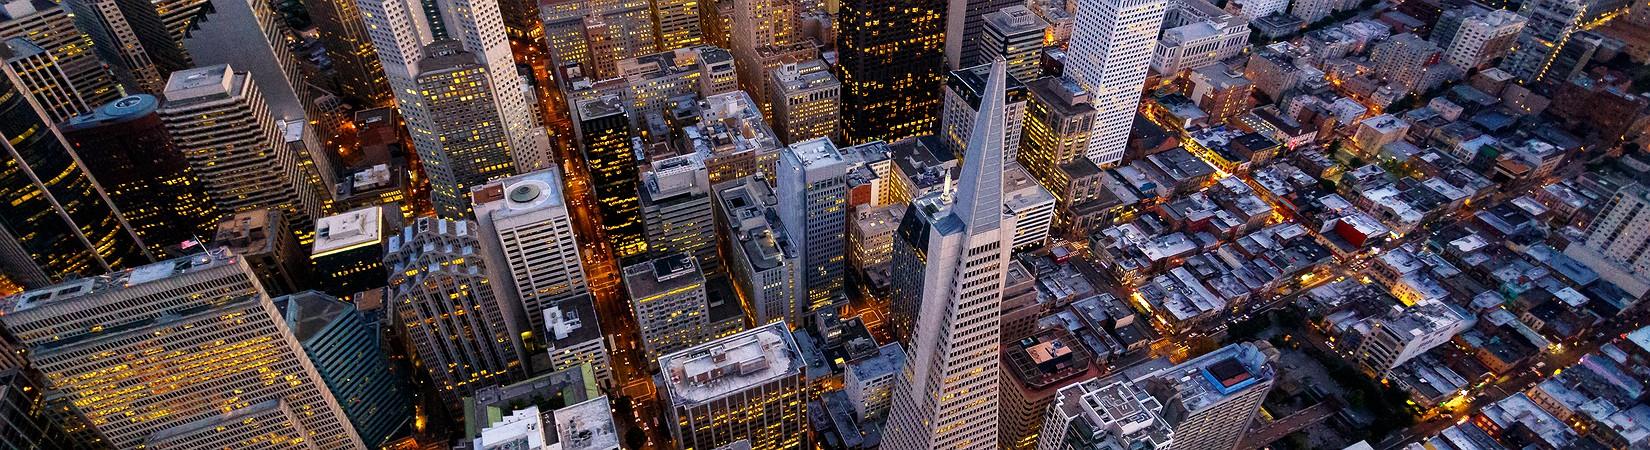 25 самых высокотехнологичных городов мира